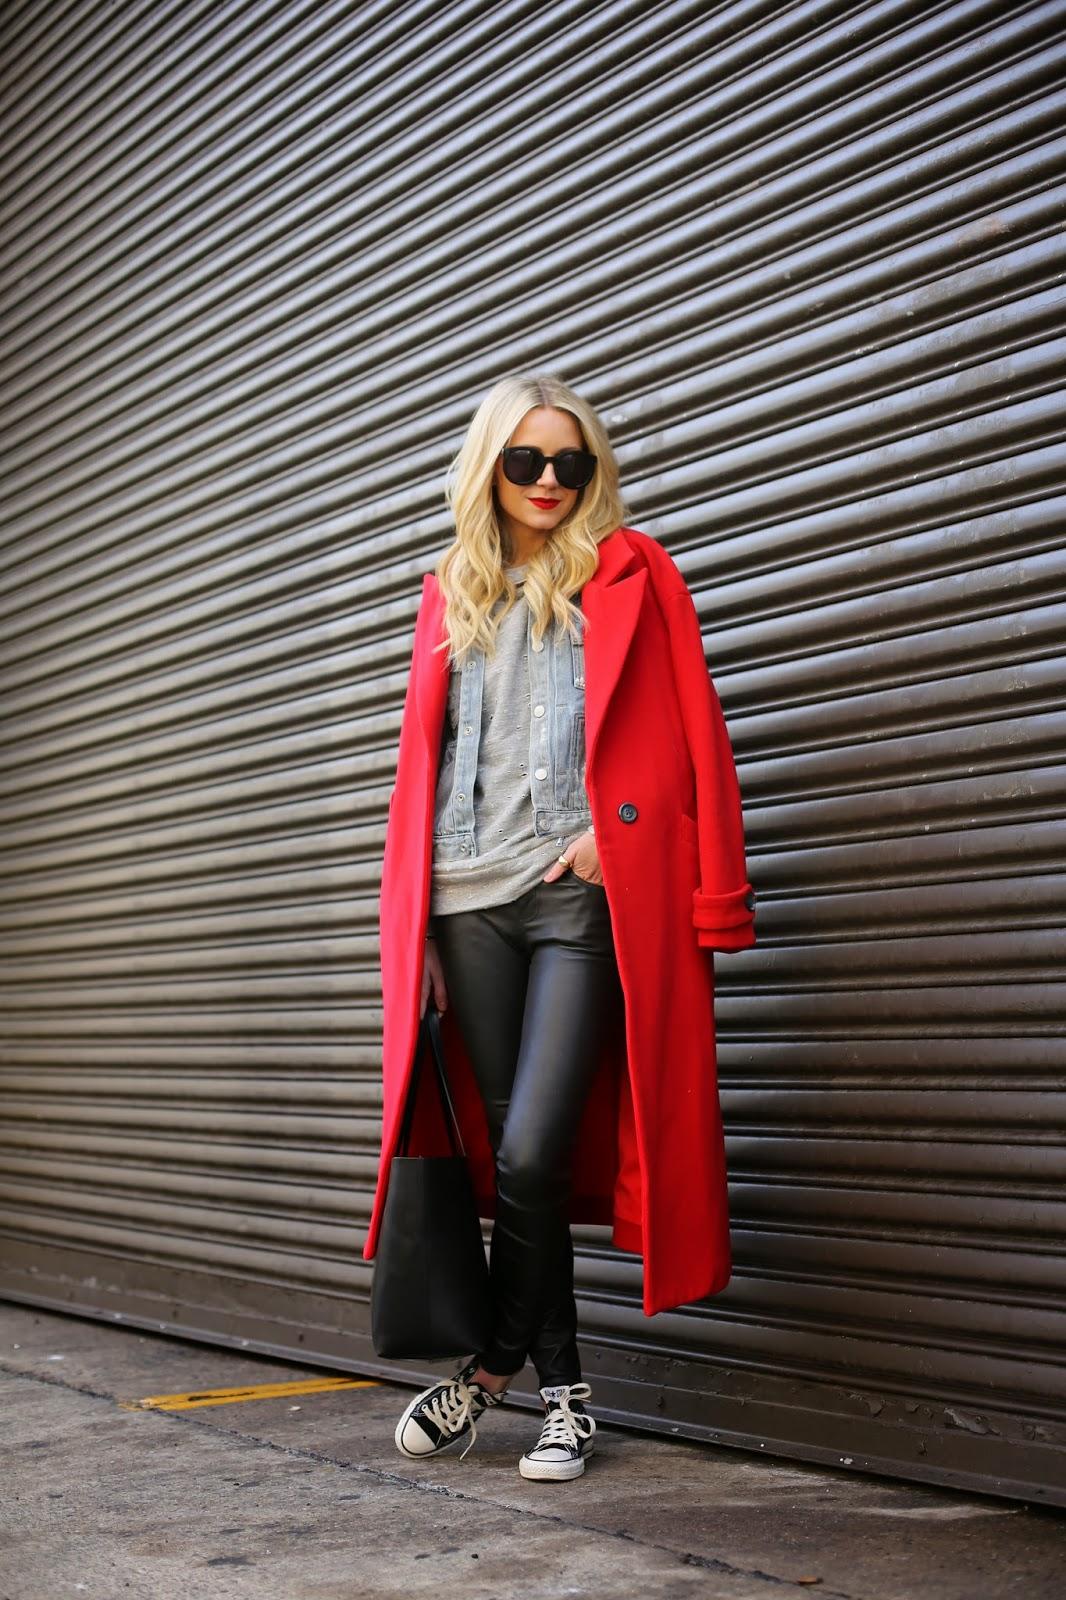 lady wearing long calf length coat